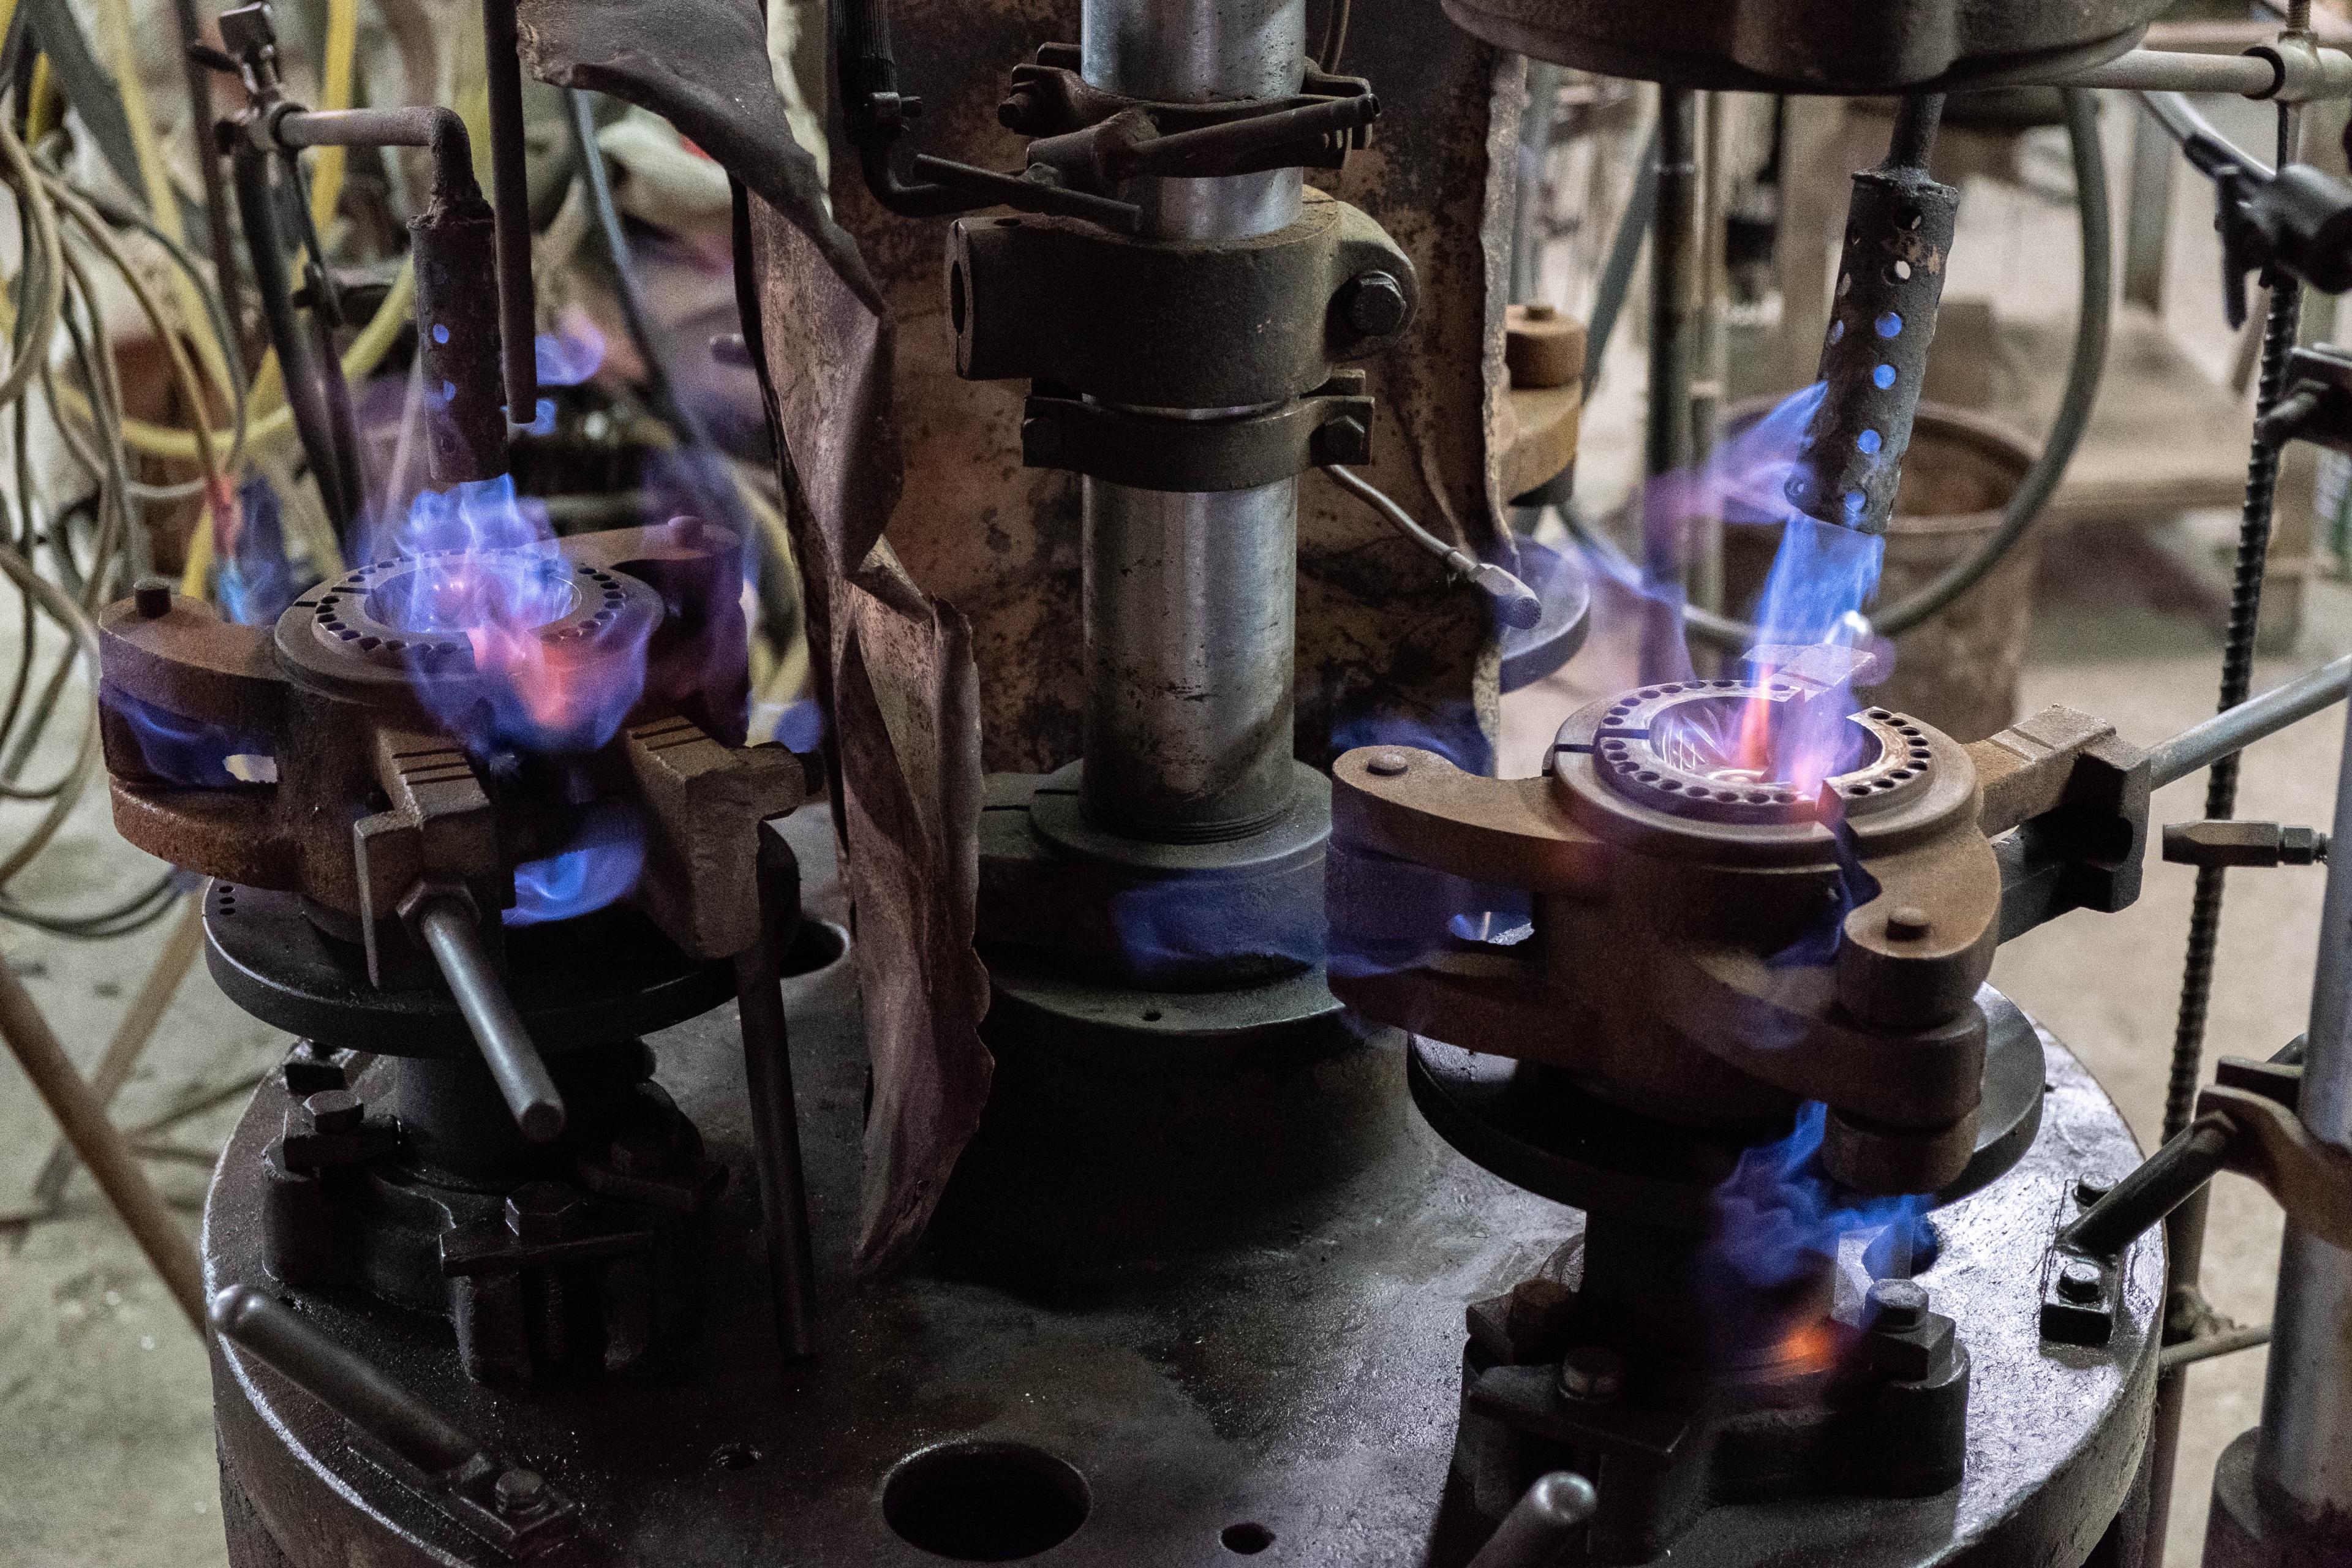 紅琉璃、玻璃、玻璃工藝、玻璃製造、玻璃產品、玻璃代工、機壓玻璃